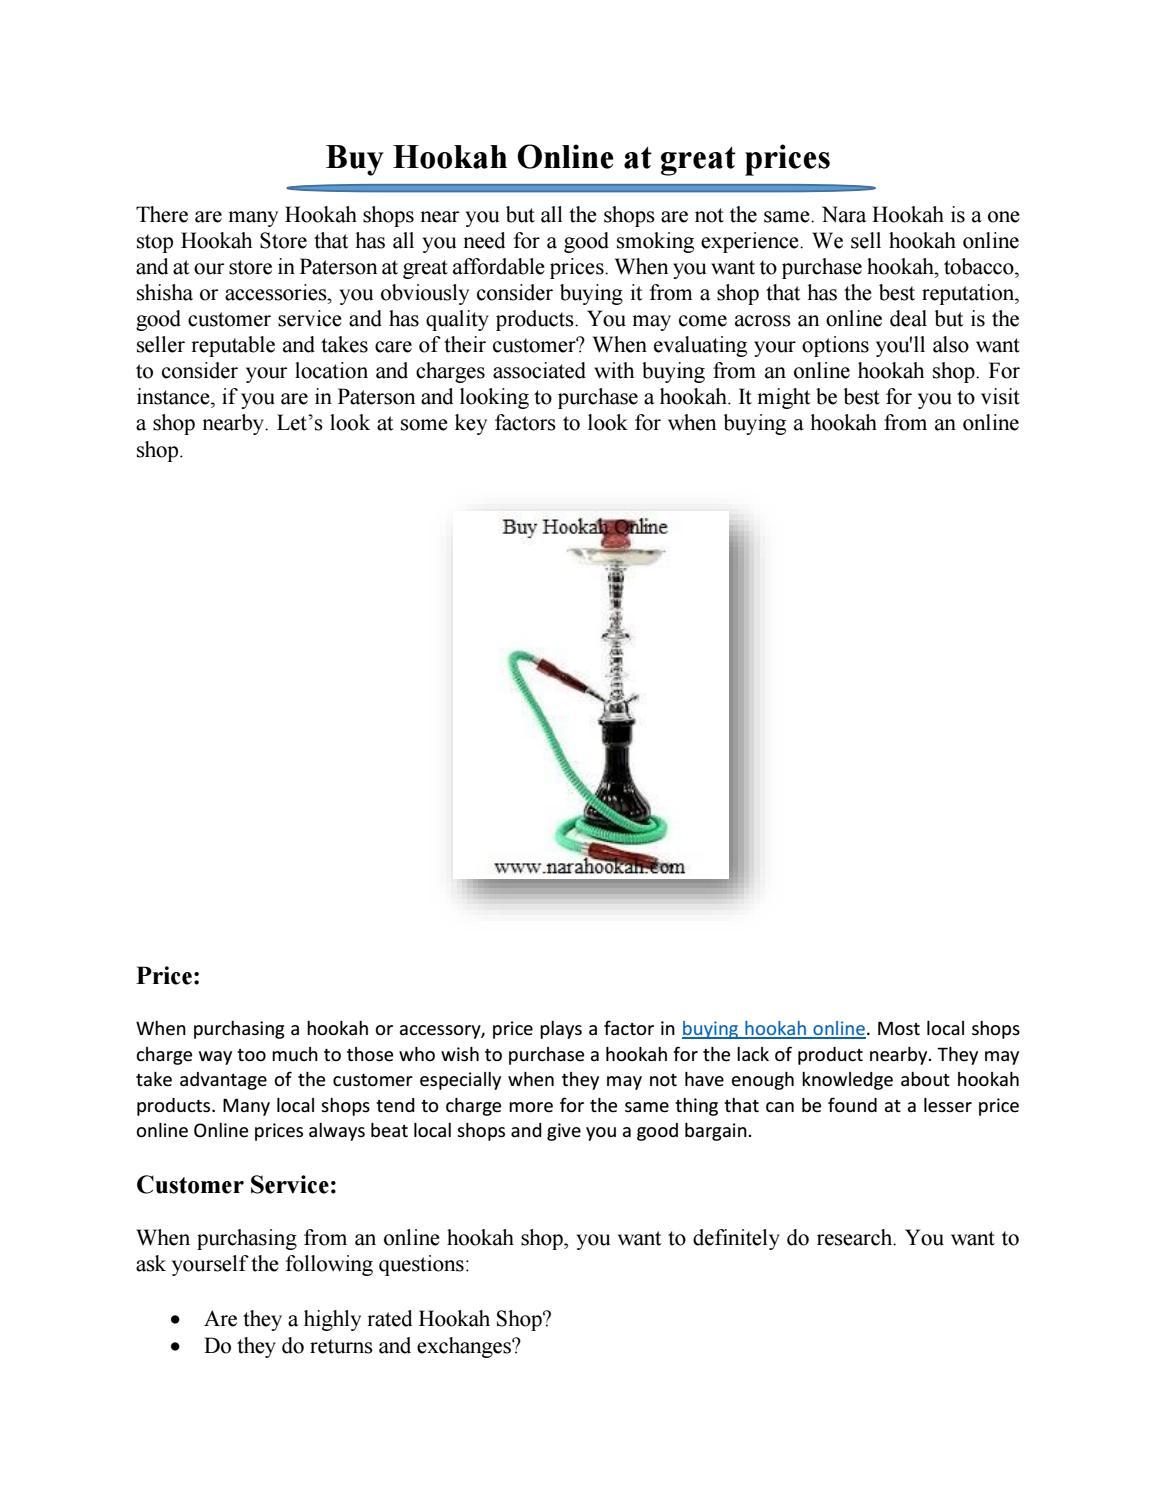 Buy Hookah Online at great prices by Nara Hookah - issuu